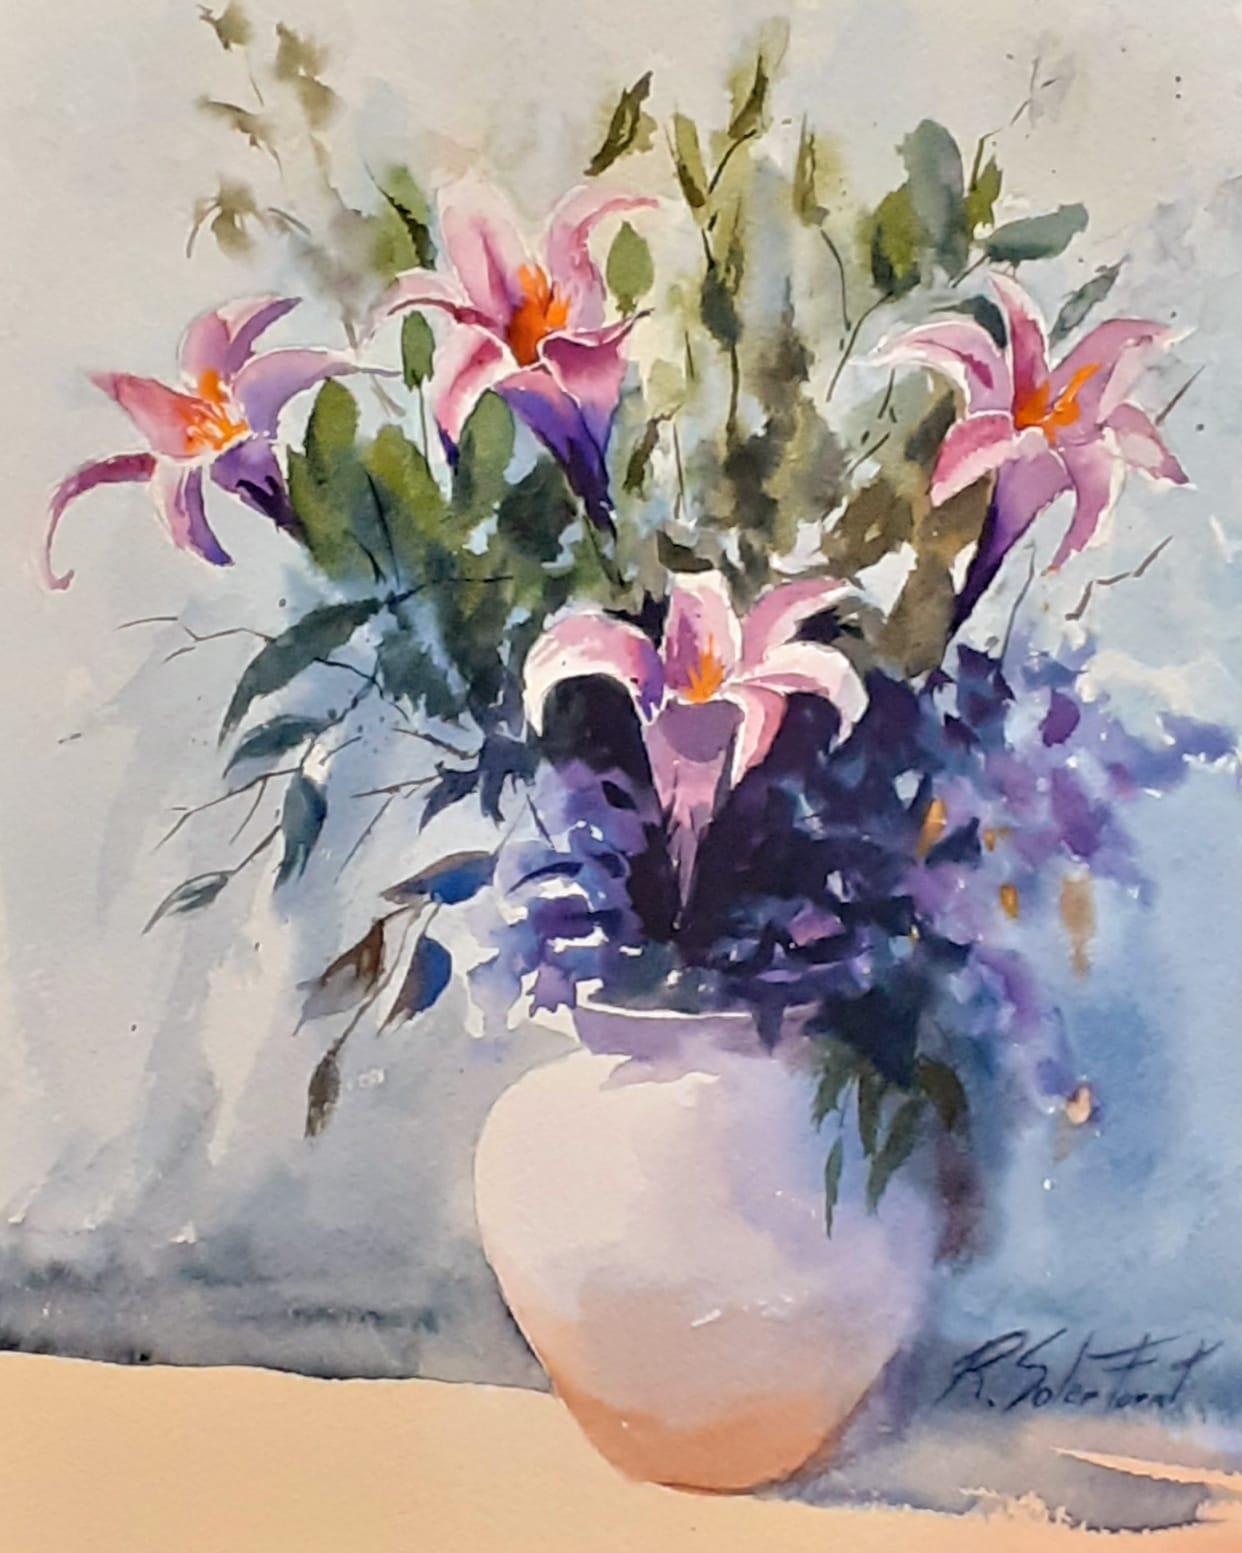 Gerro amb flors, 25 x 35 cm. (Disponible)